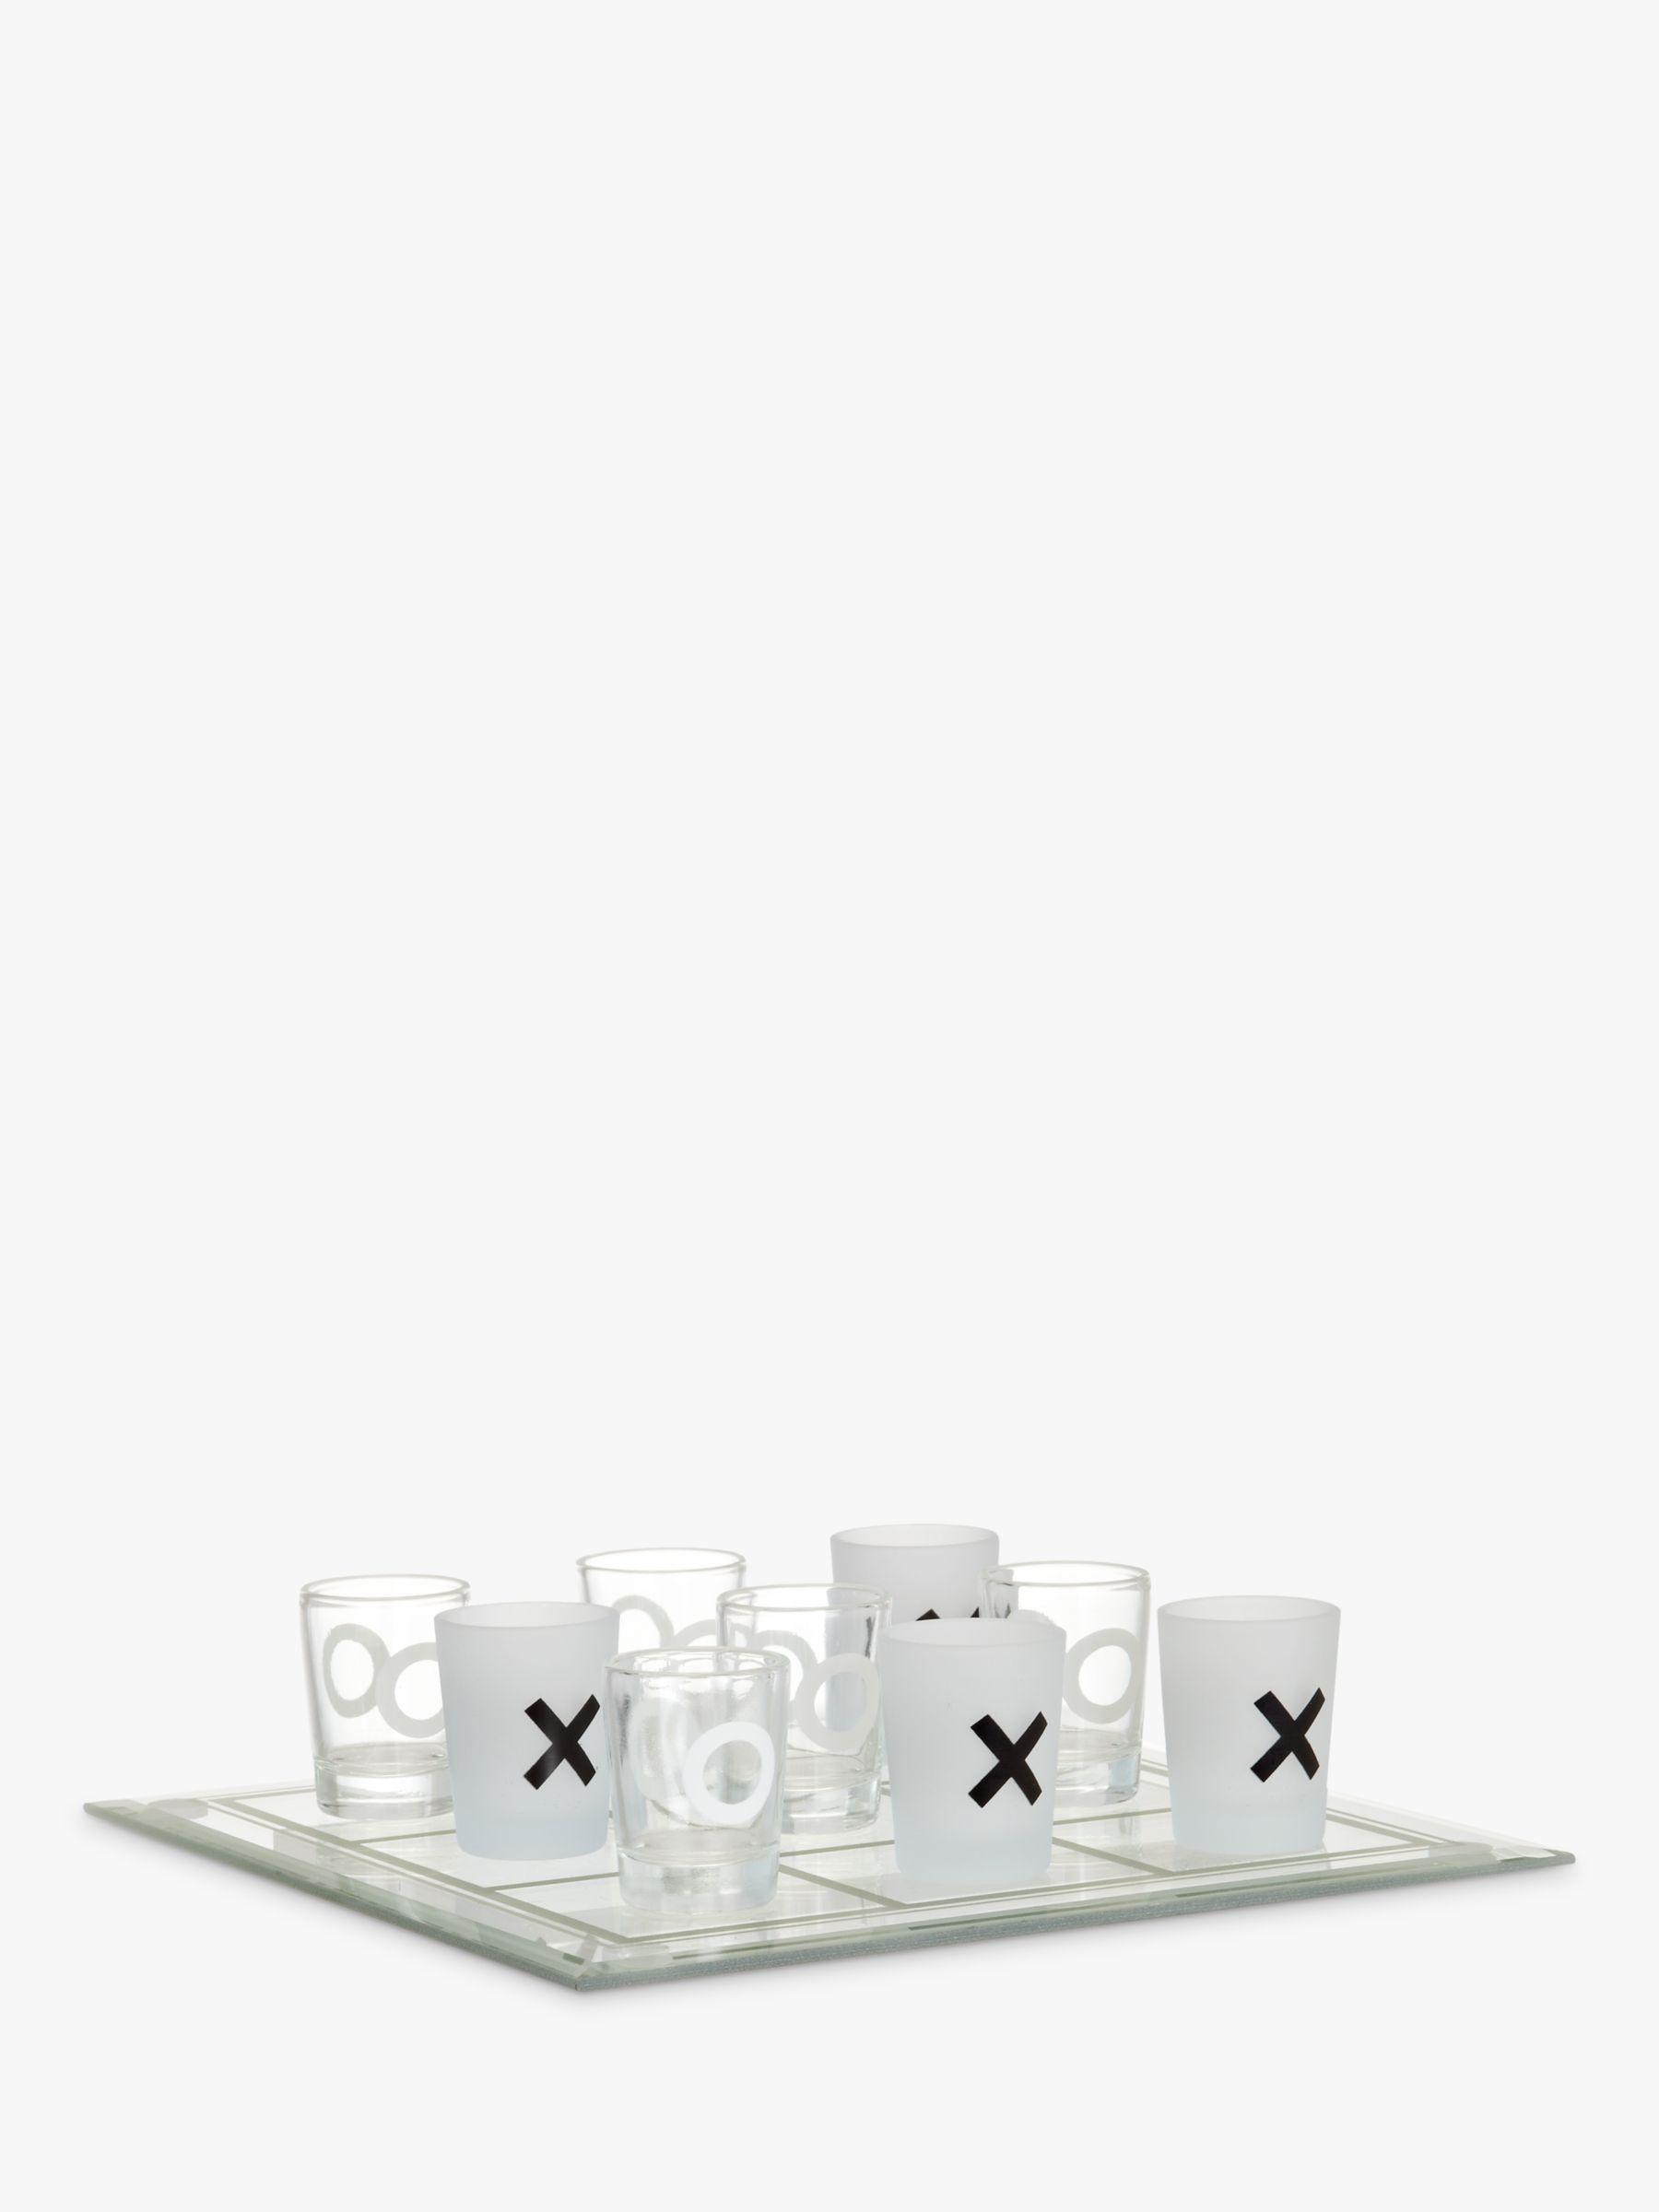 Sagaform Sagaform Drinking Game Set